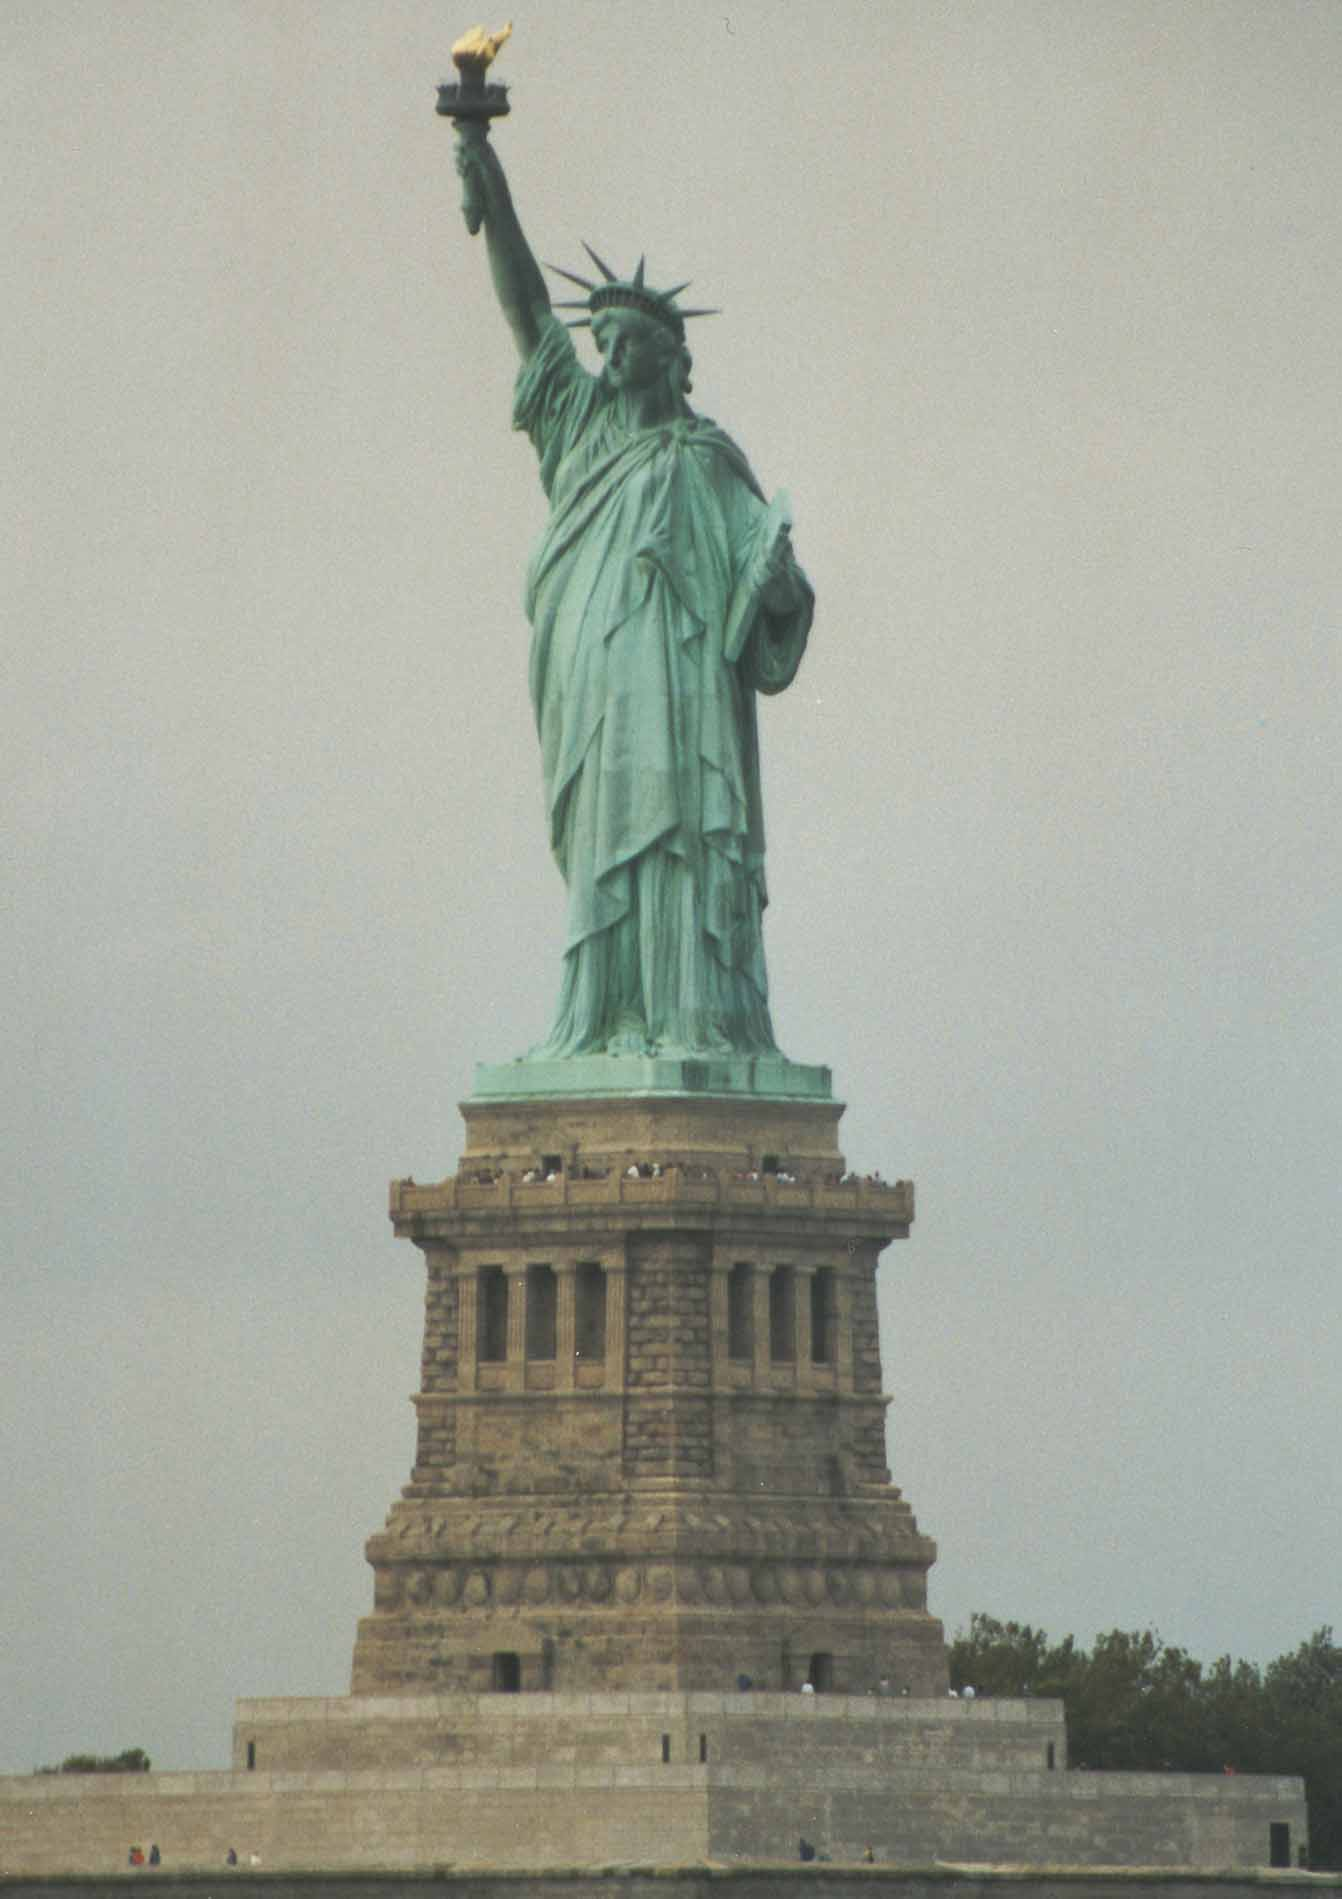 La statue de la libert united states of america for Createur statue de la liberte